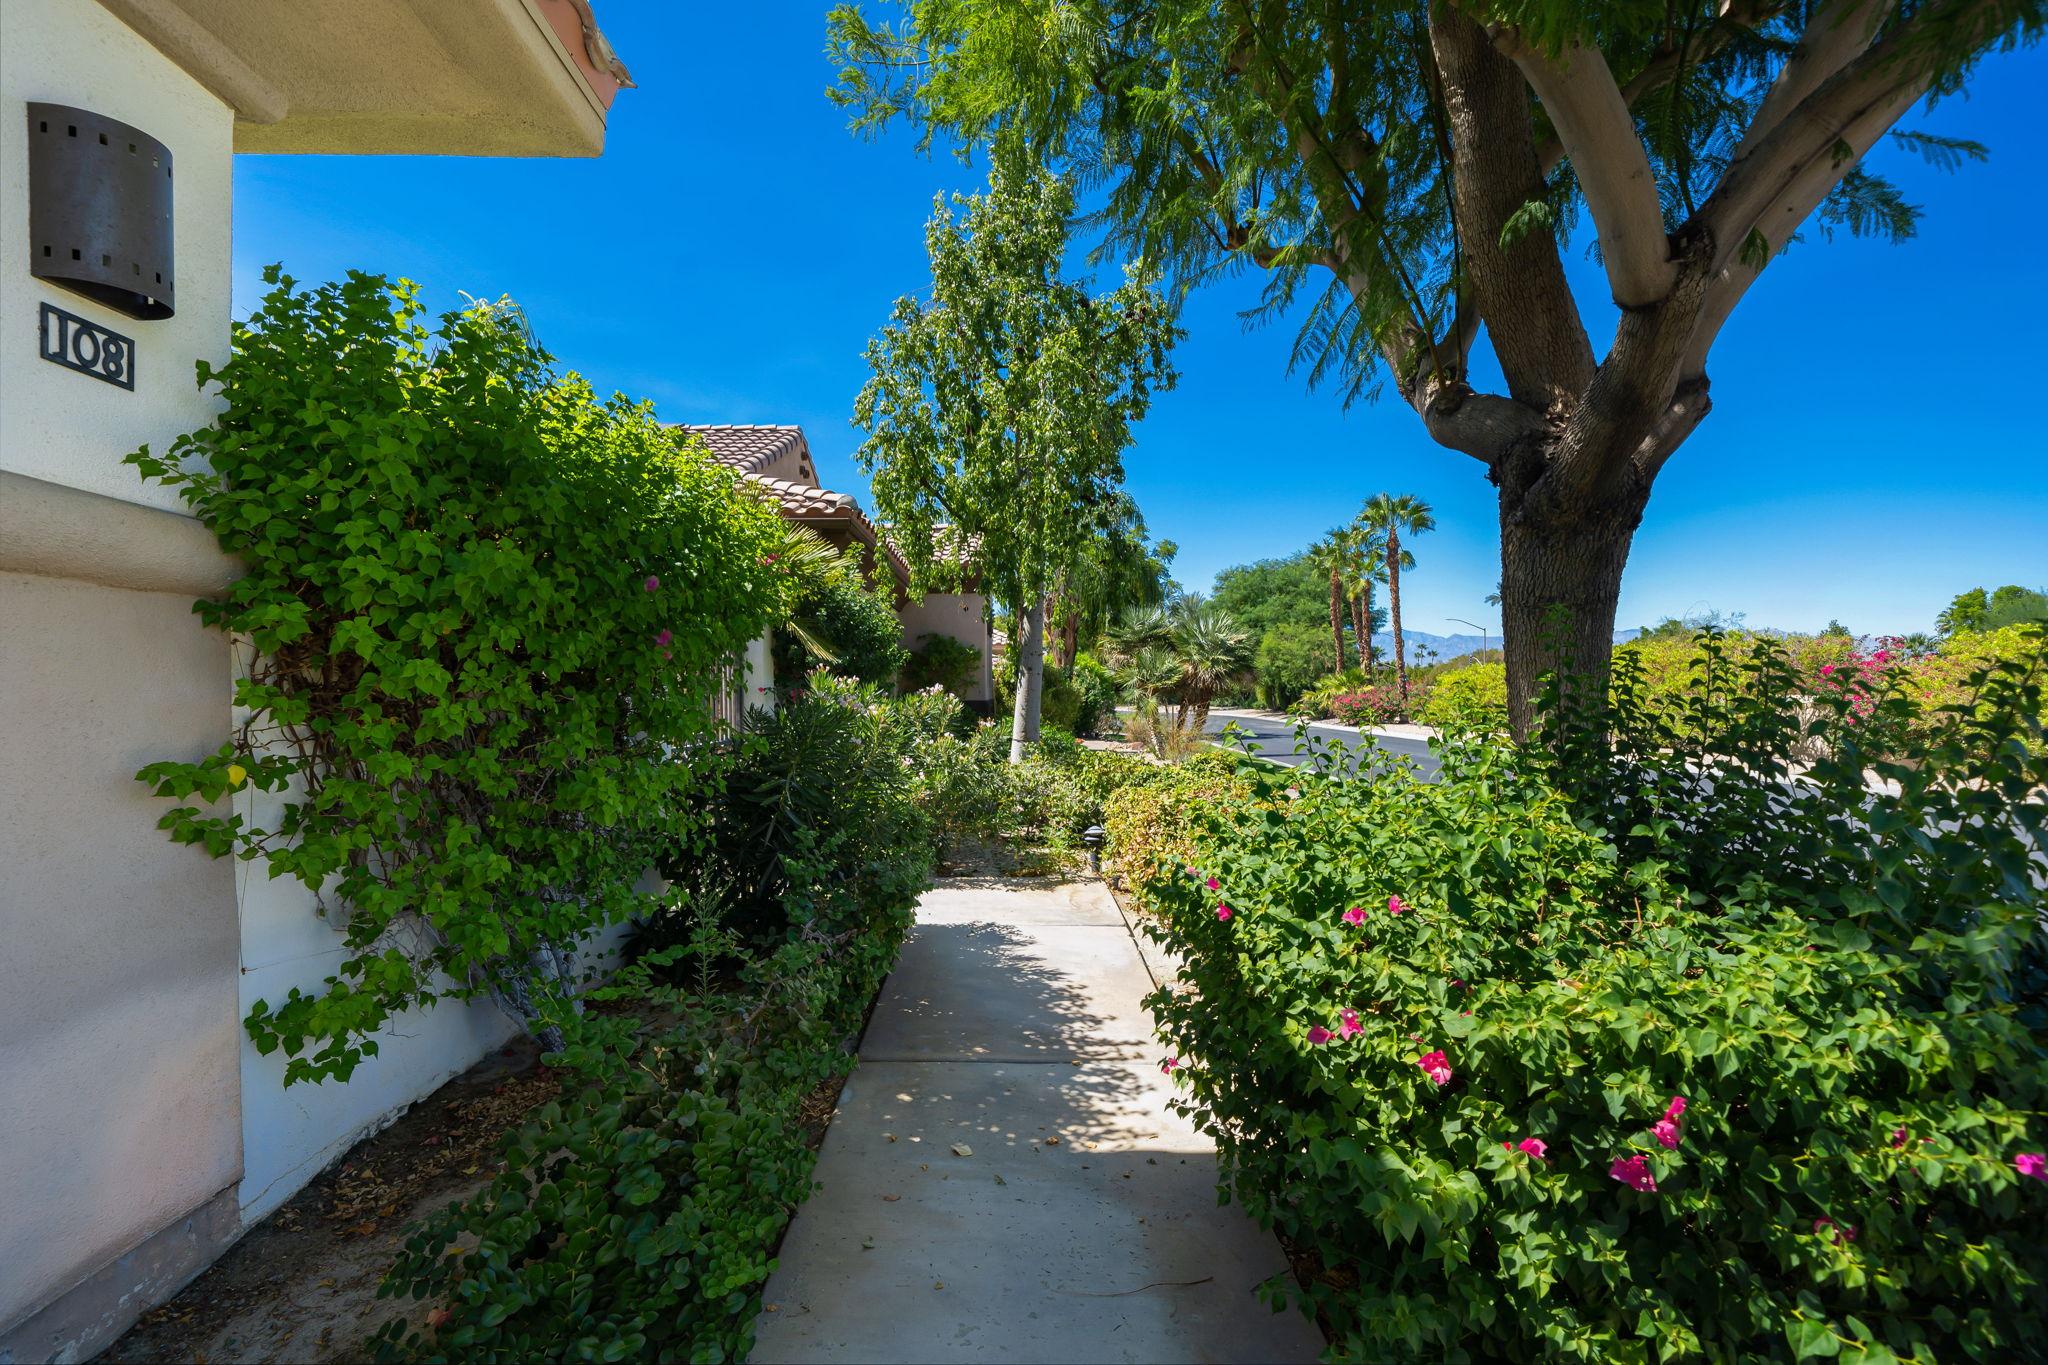 108 Mission Lake Way, Rancho Mirage, CA 92270, USA Photo 10